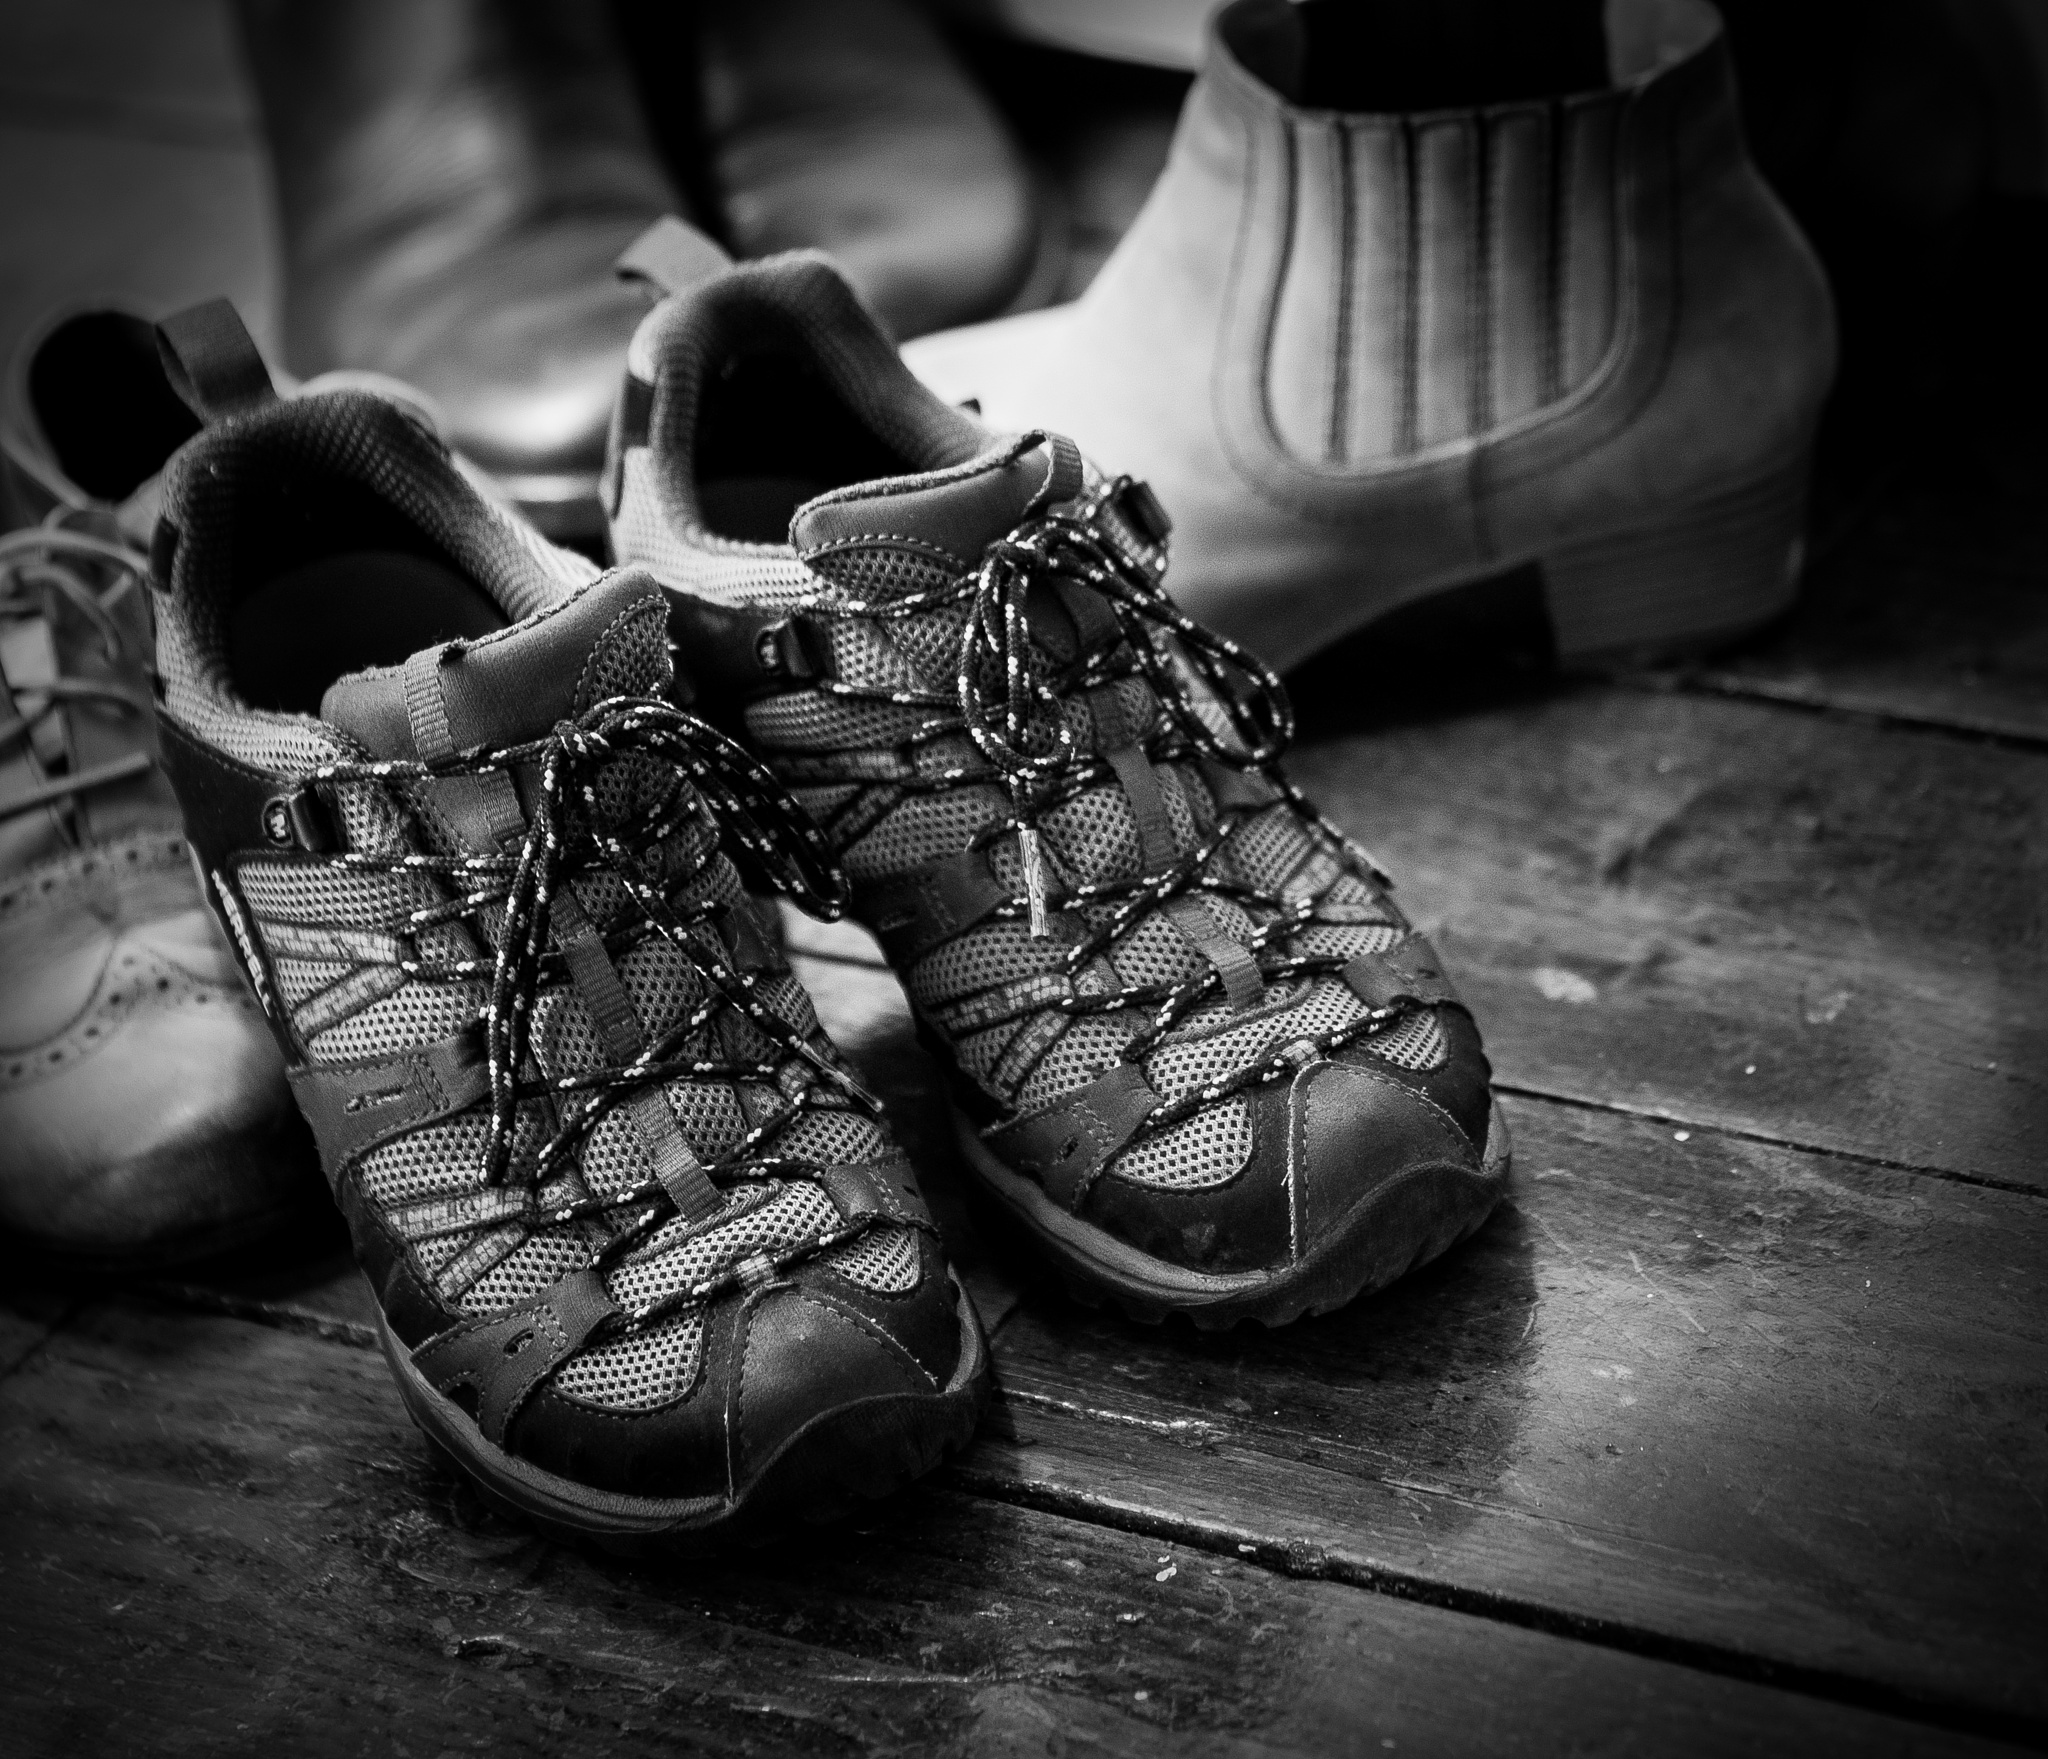 walking shoes  by sread808